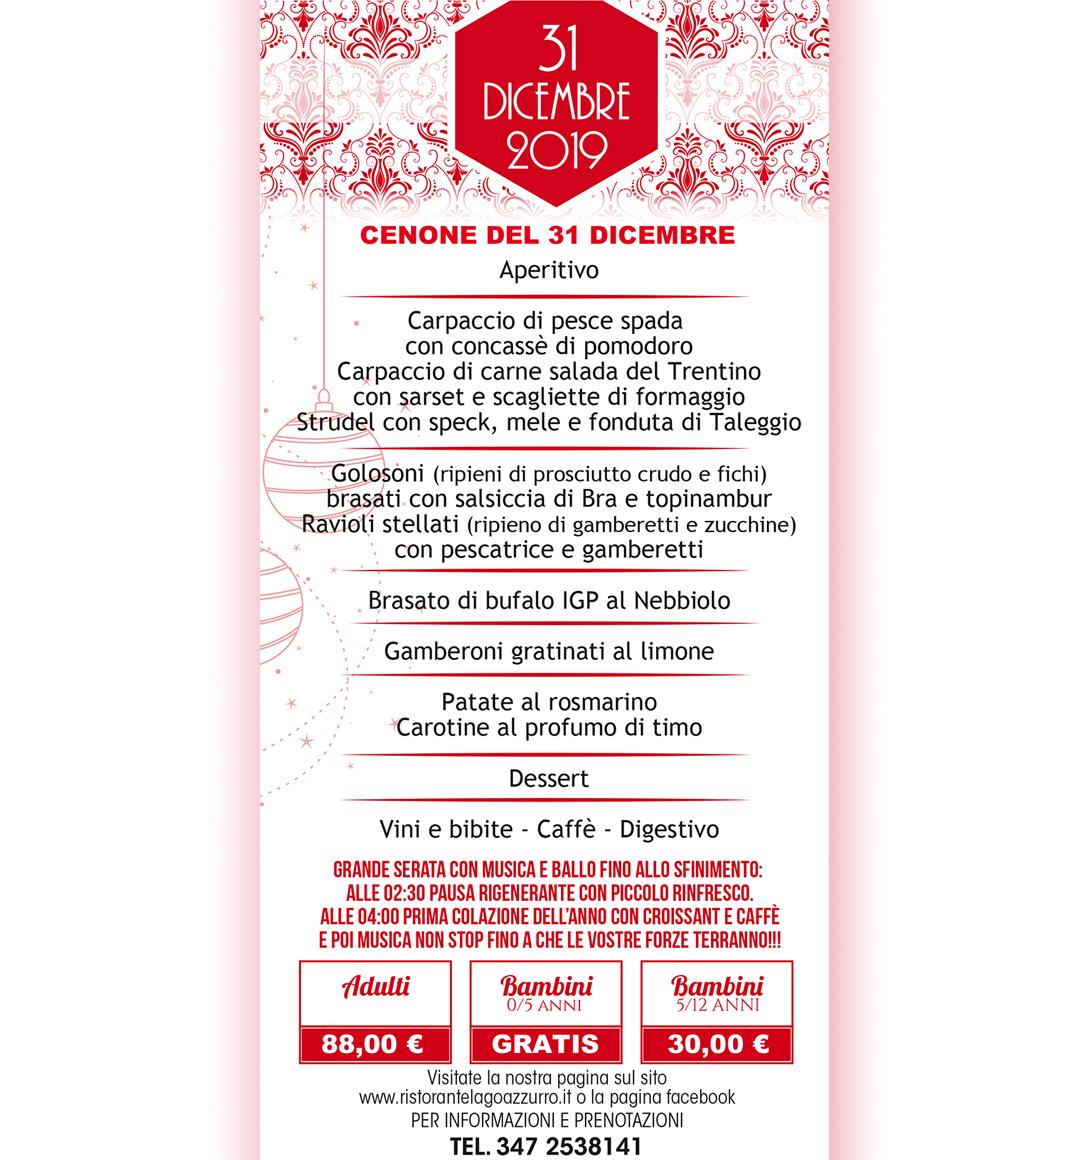 Capodanno_31-dicembre-2018_Ristorante-Lago-Azzurro